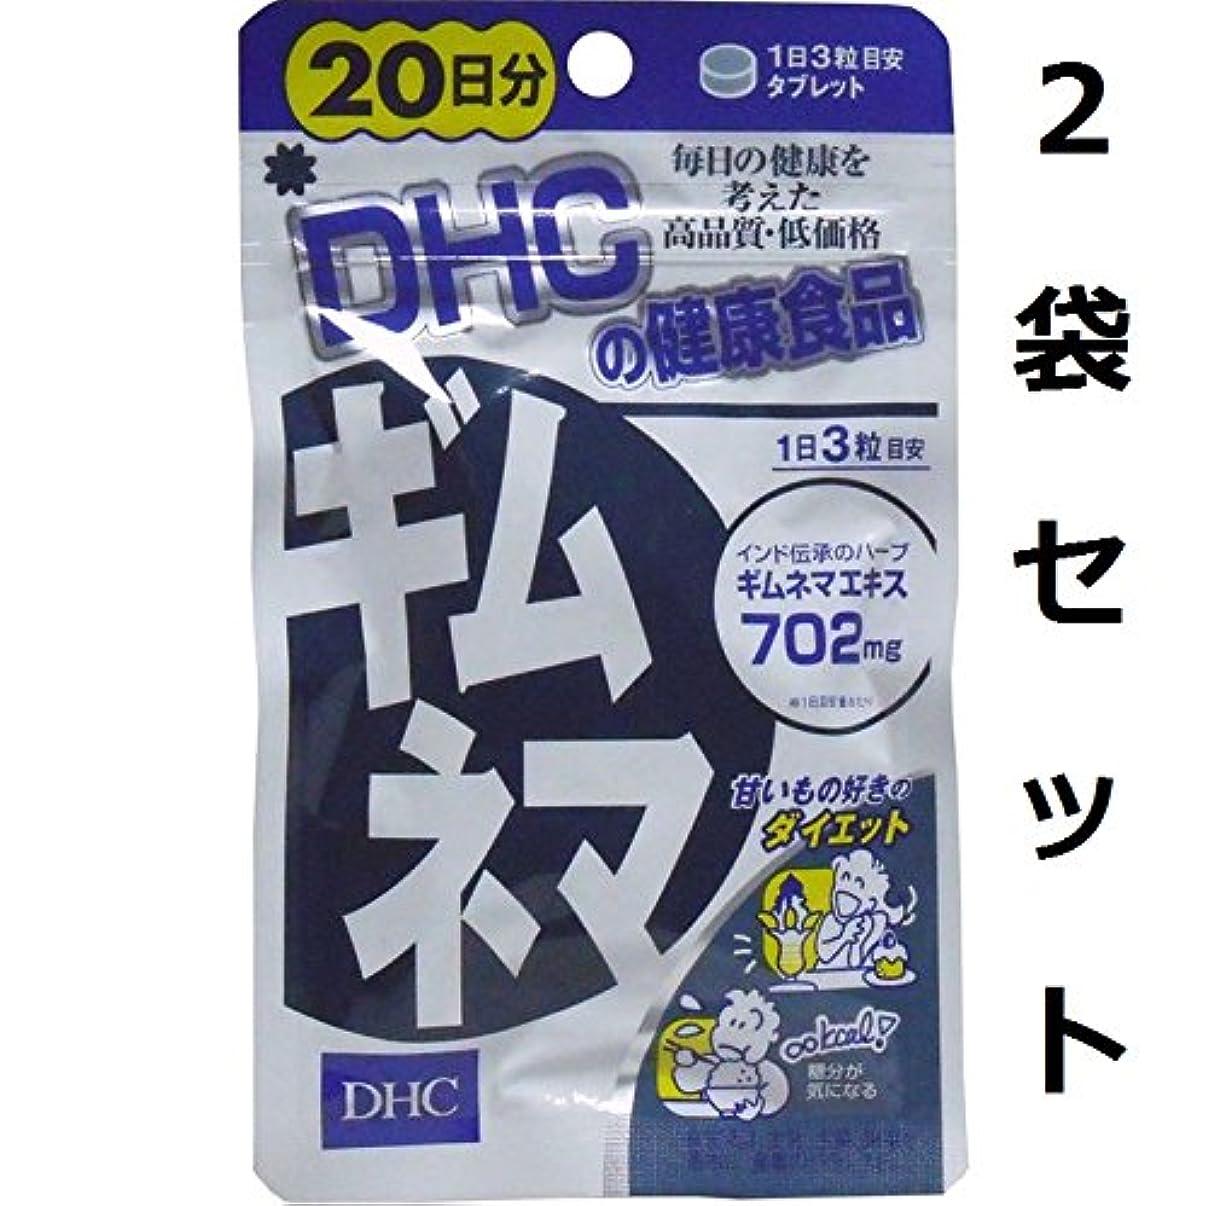 適切に似ている不承認我慢せずに余分な糖分をブロック DHC ギムネマ 20日分 60粒 2袋セット